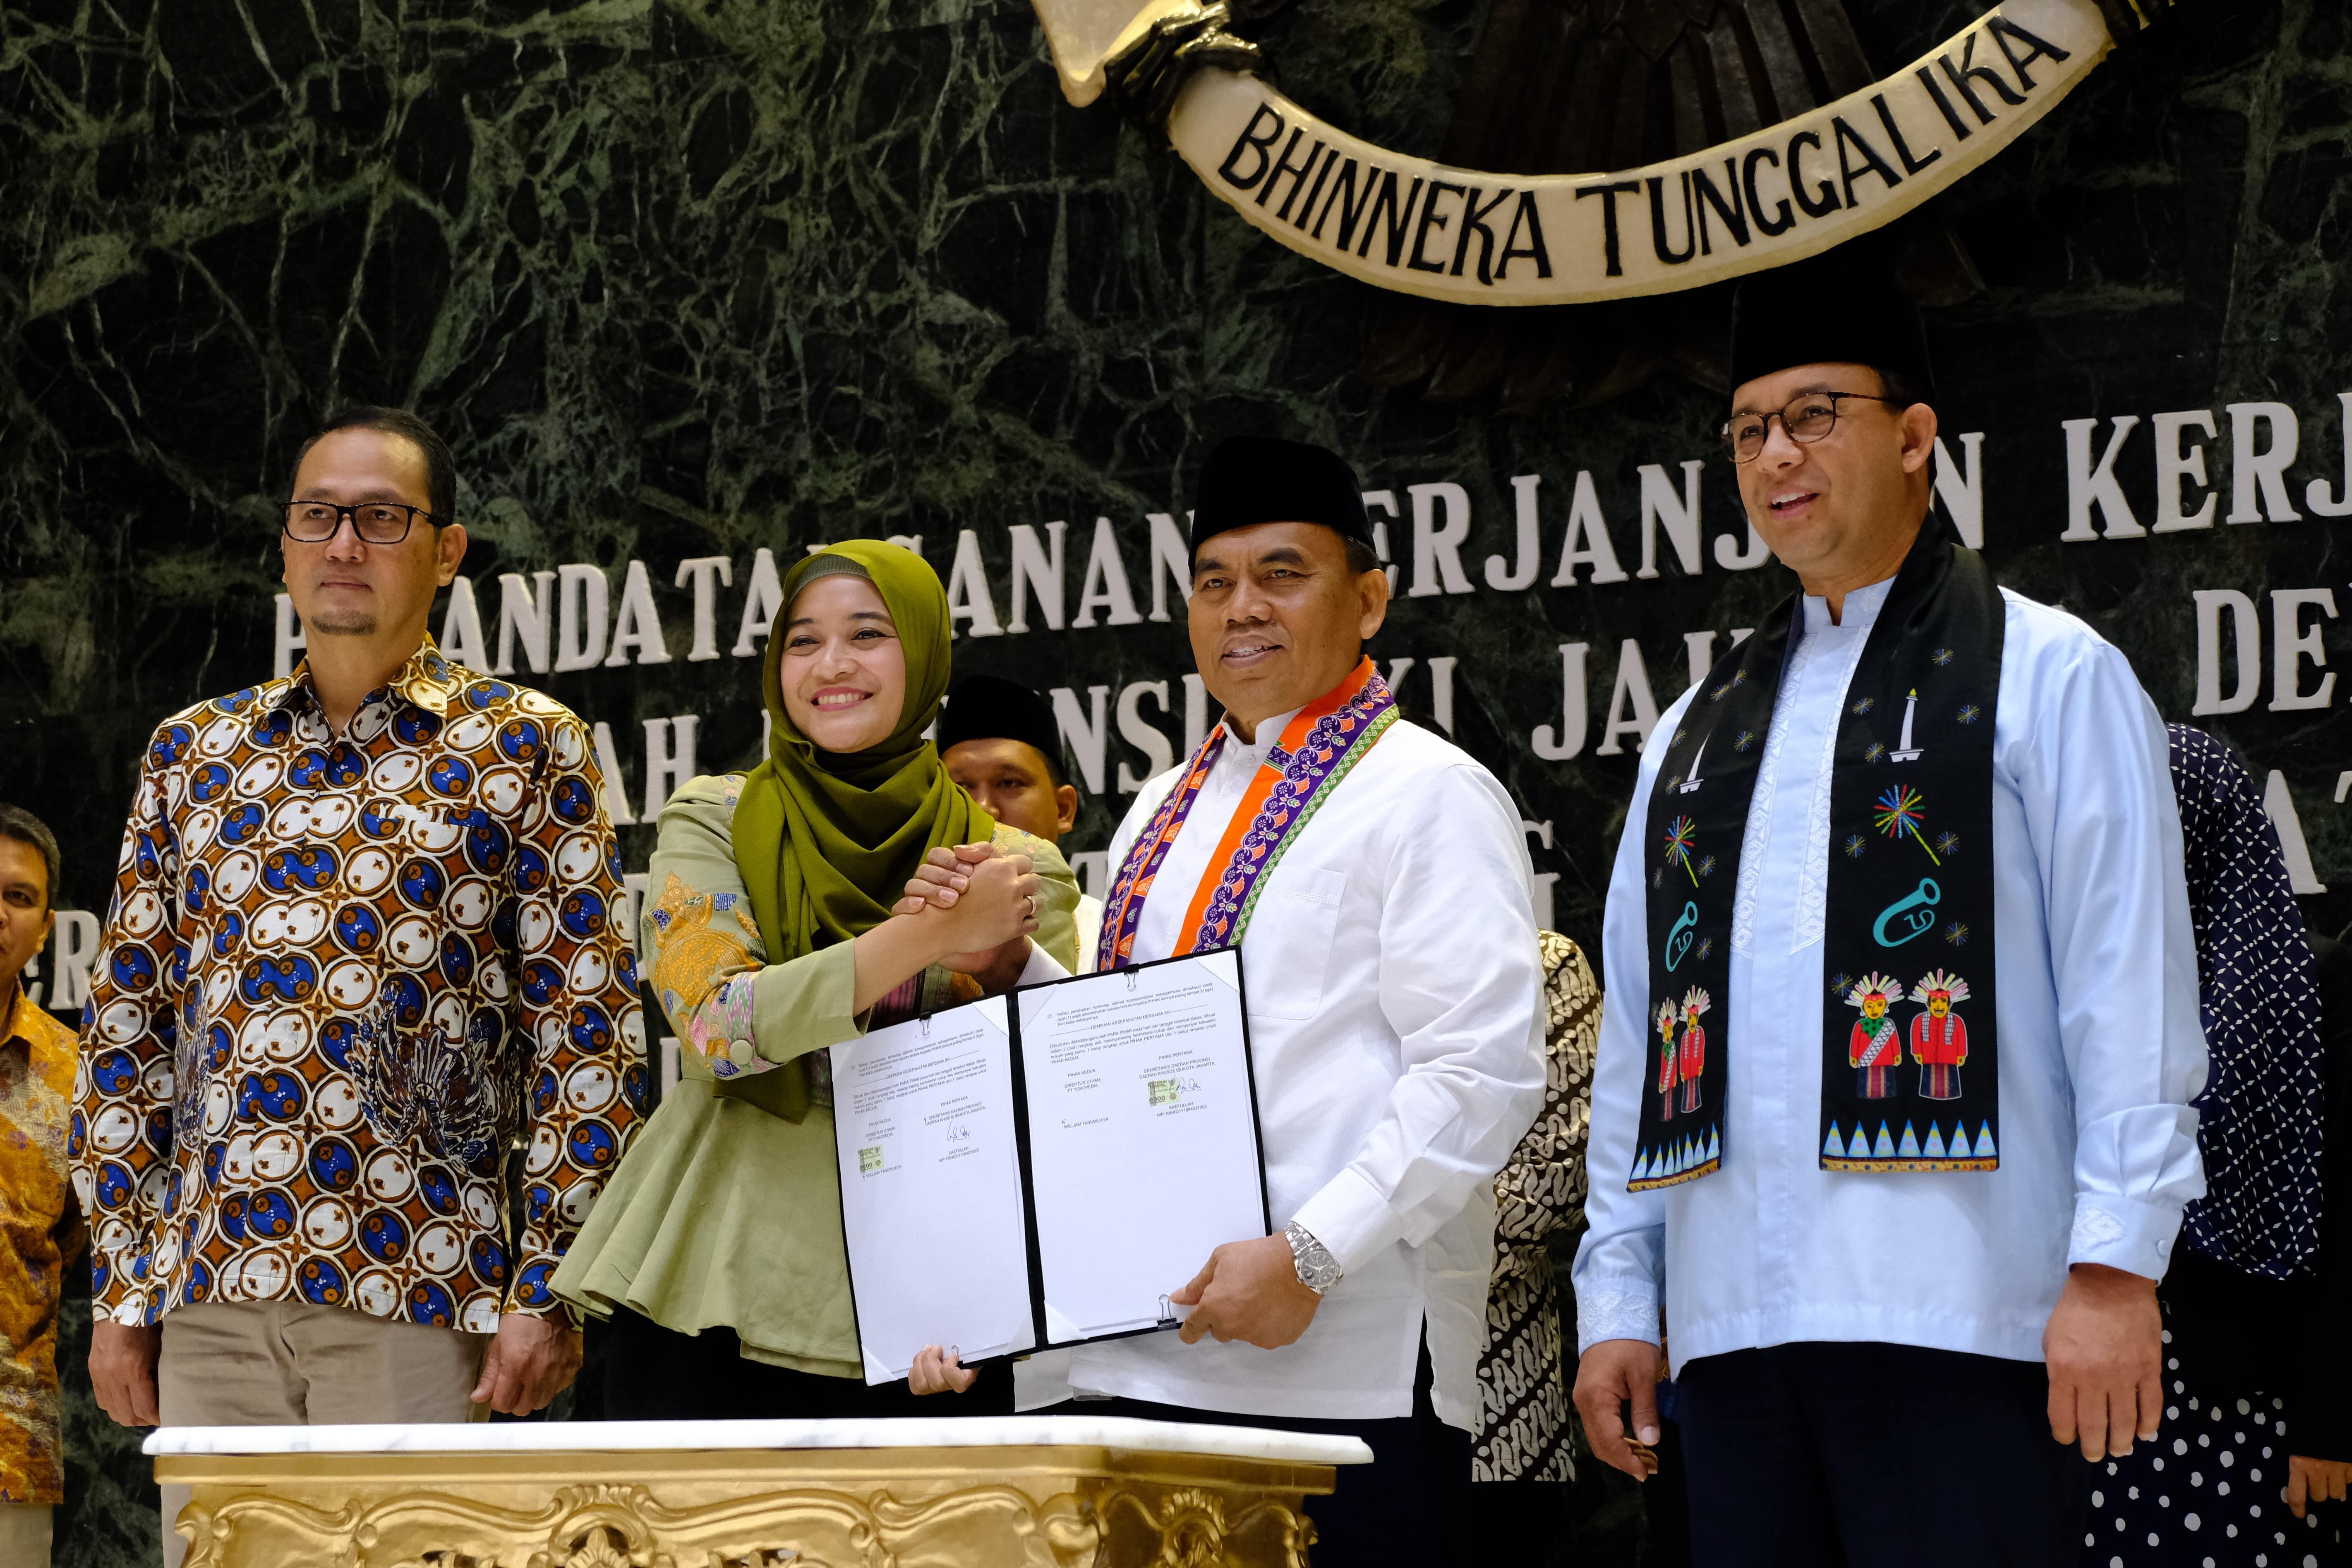 Tokopedia Jadi Mitra Ekonomi Pemprov DKI Jakarta, Bantu Kembangkan Kota Cerdas. Foto: Tokopedia